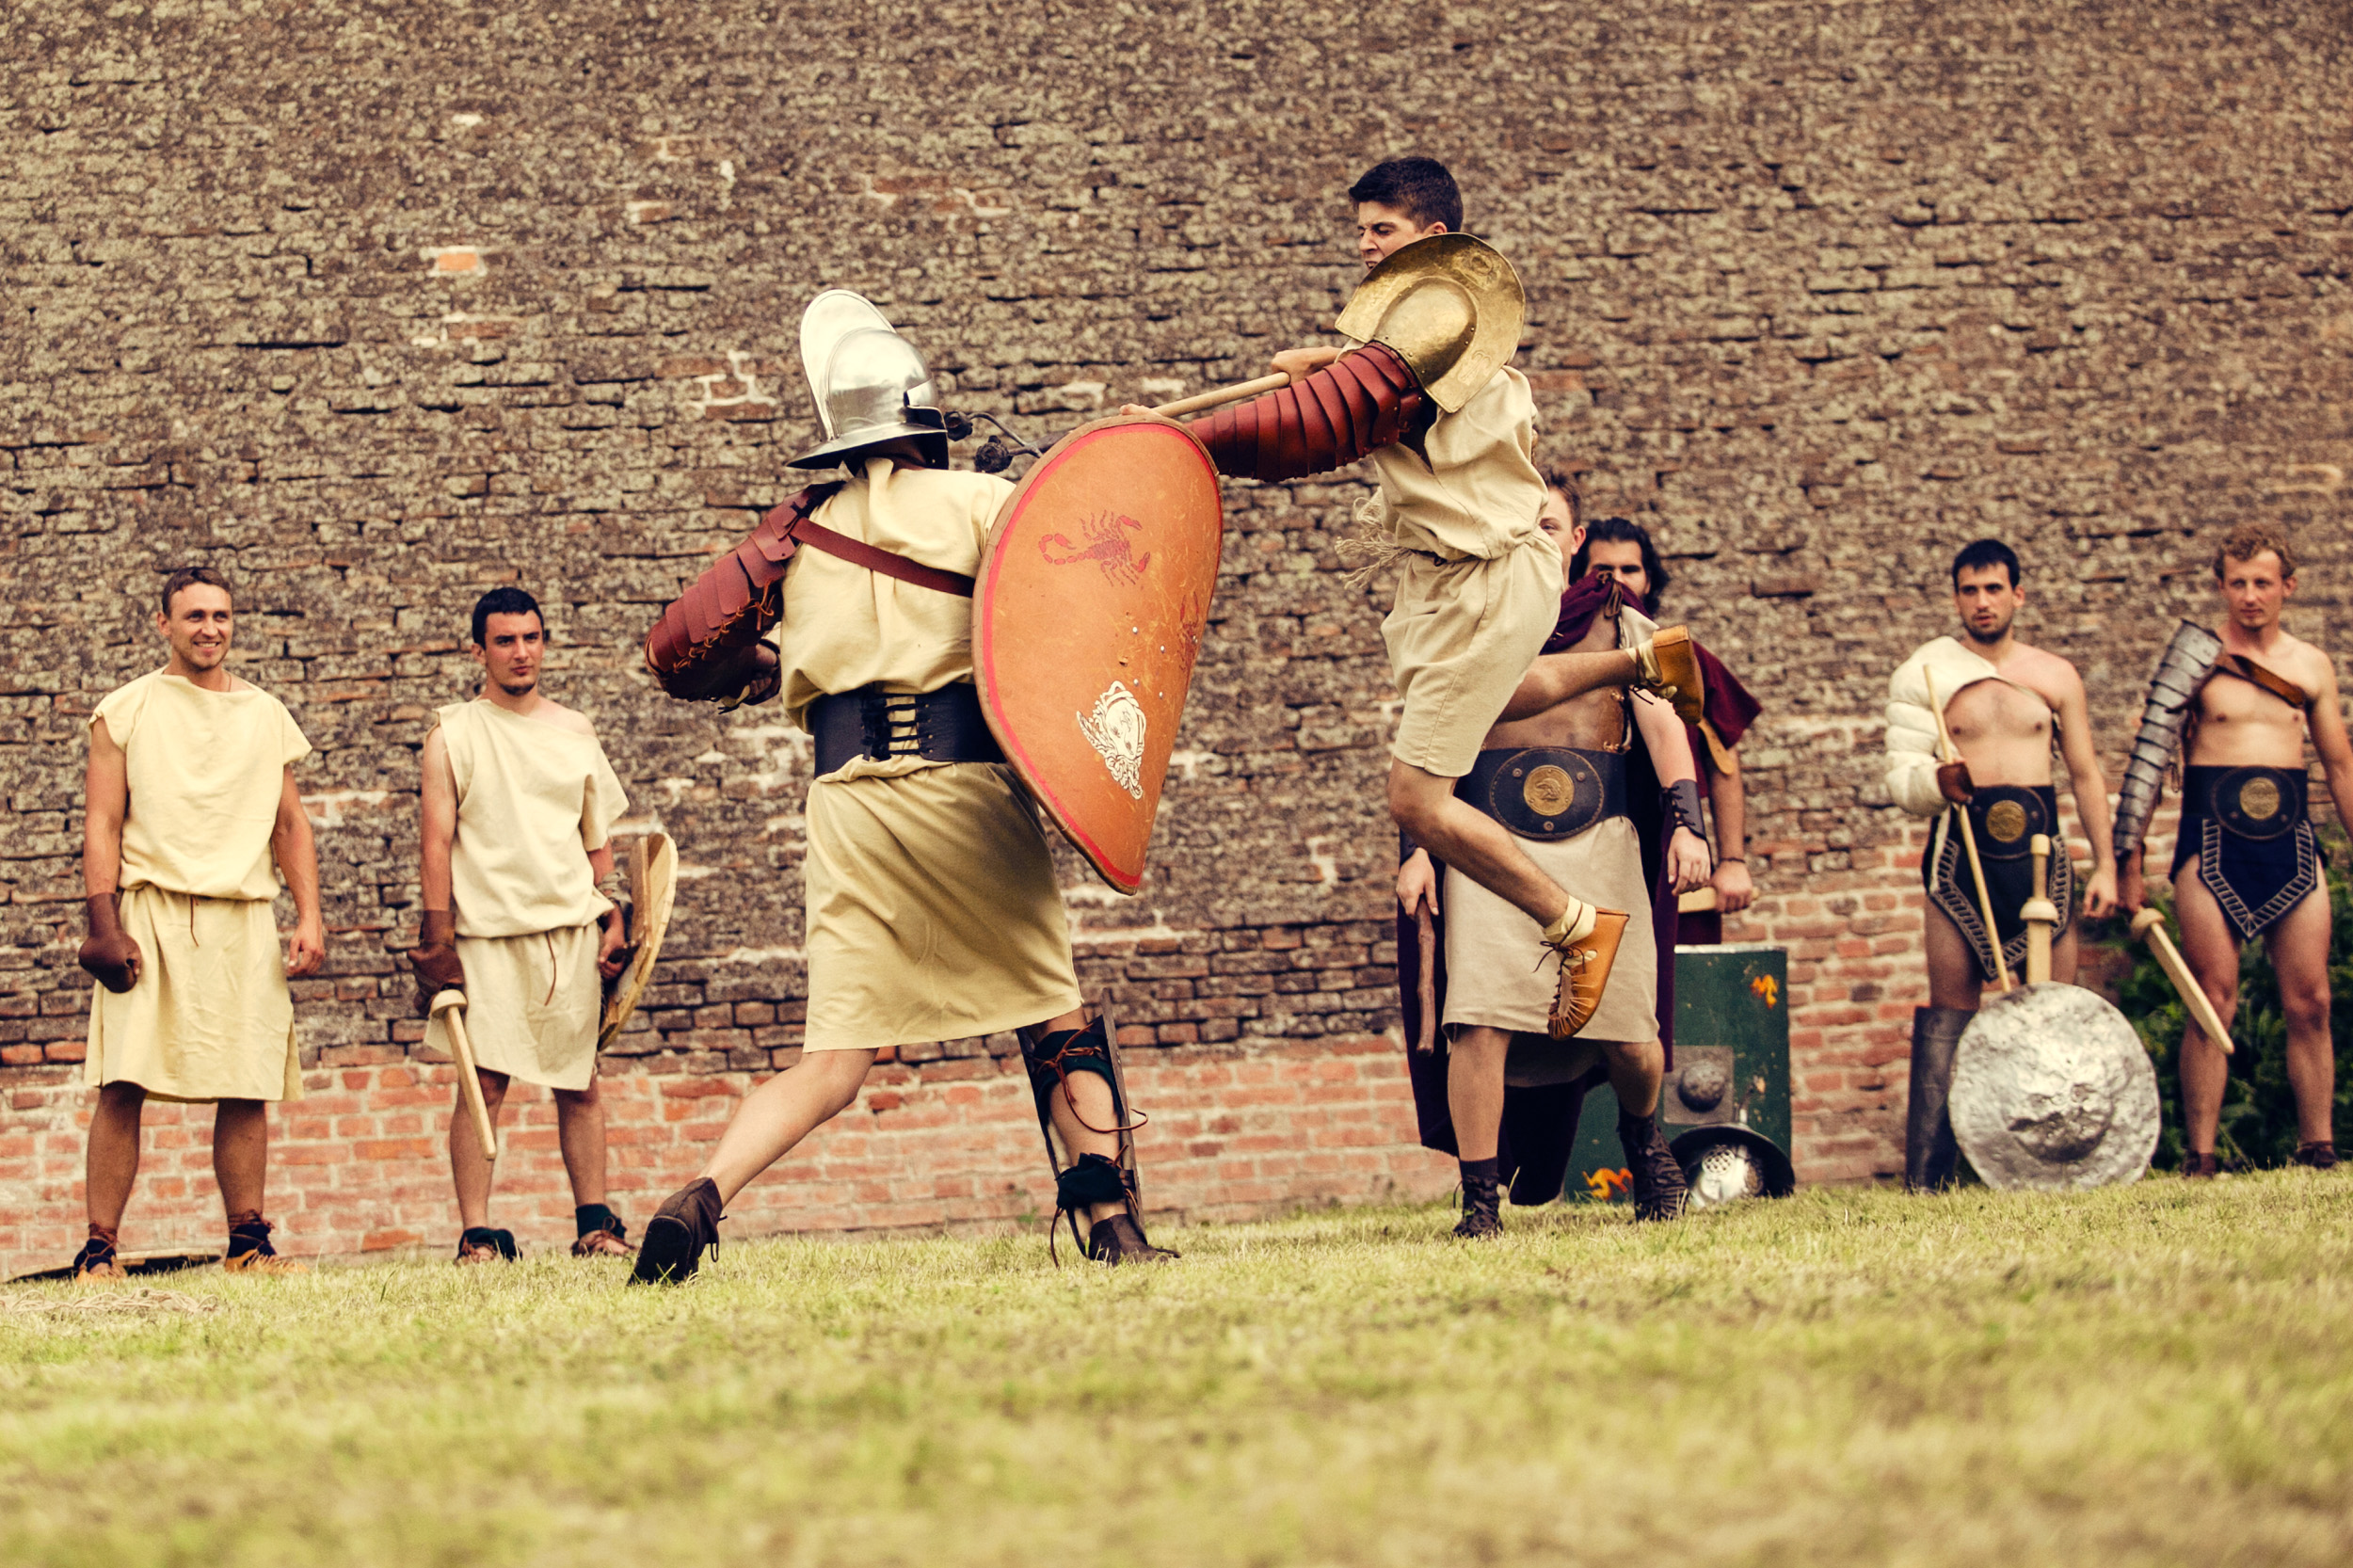 The Roman Festival